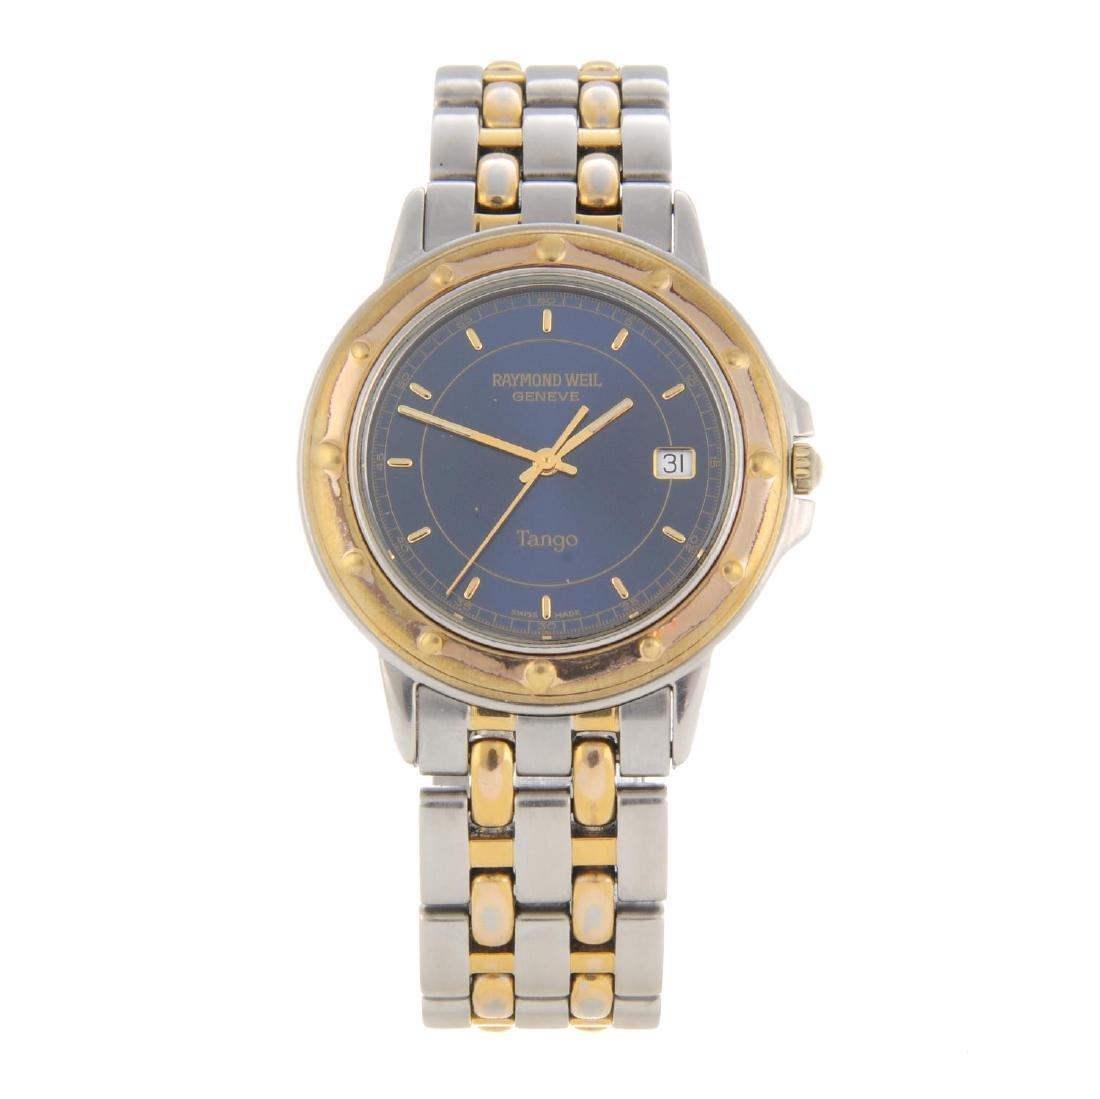 RAYMOND WEIL - a gentleman's Tango bracelet watch.